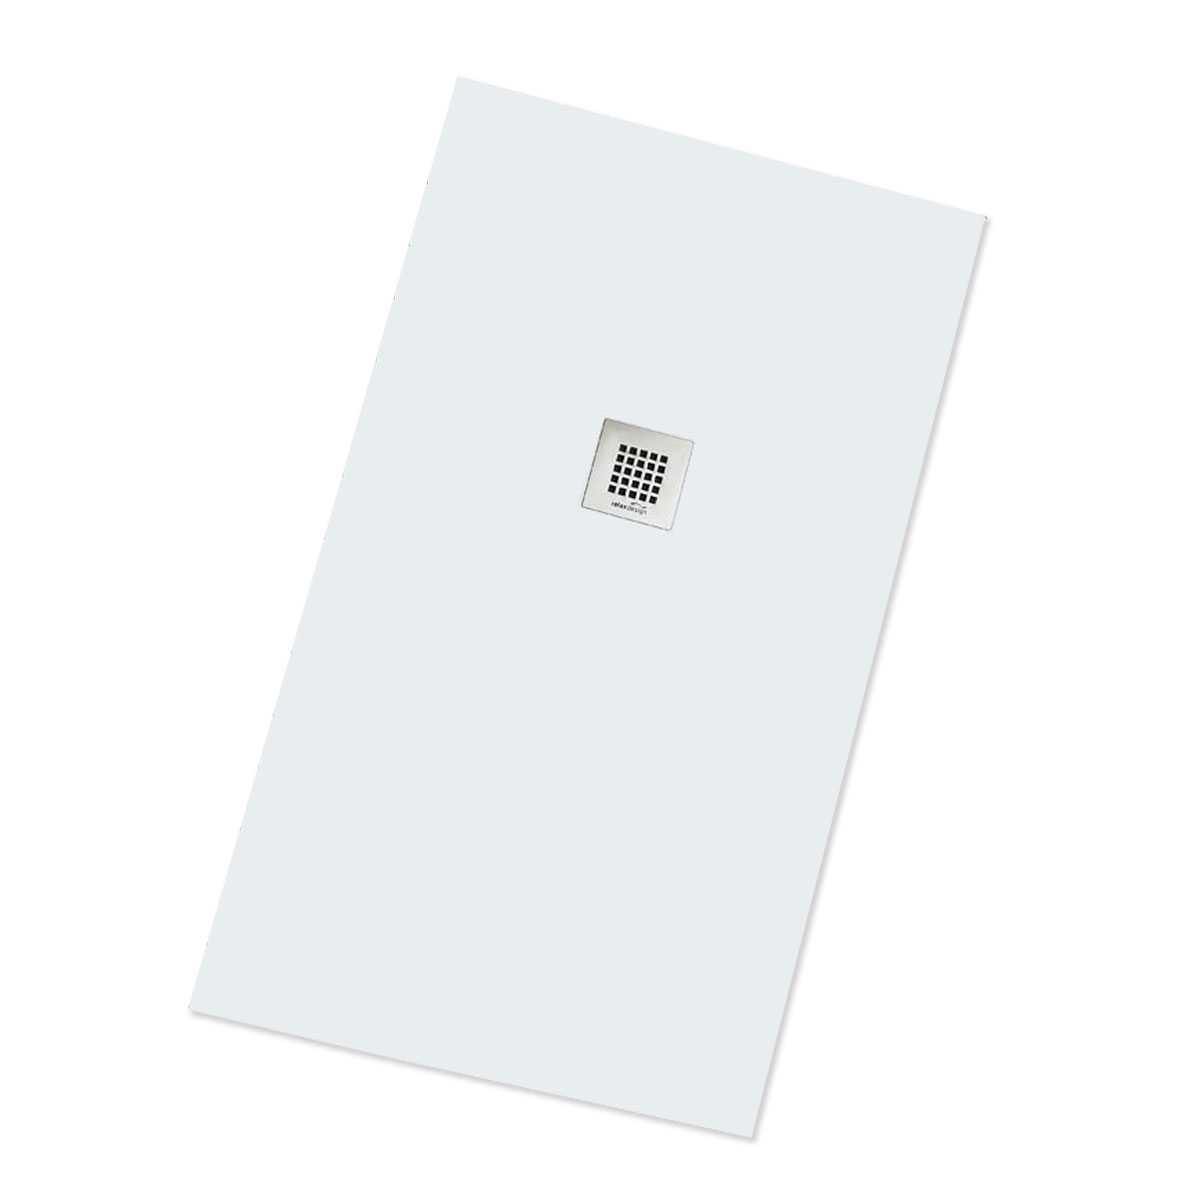 Piatto doccia ultrapiatto 70x110 colorato realizzato in solid surface con griglia inox  Rocky Solid